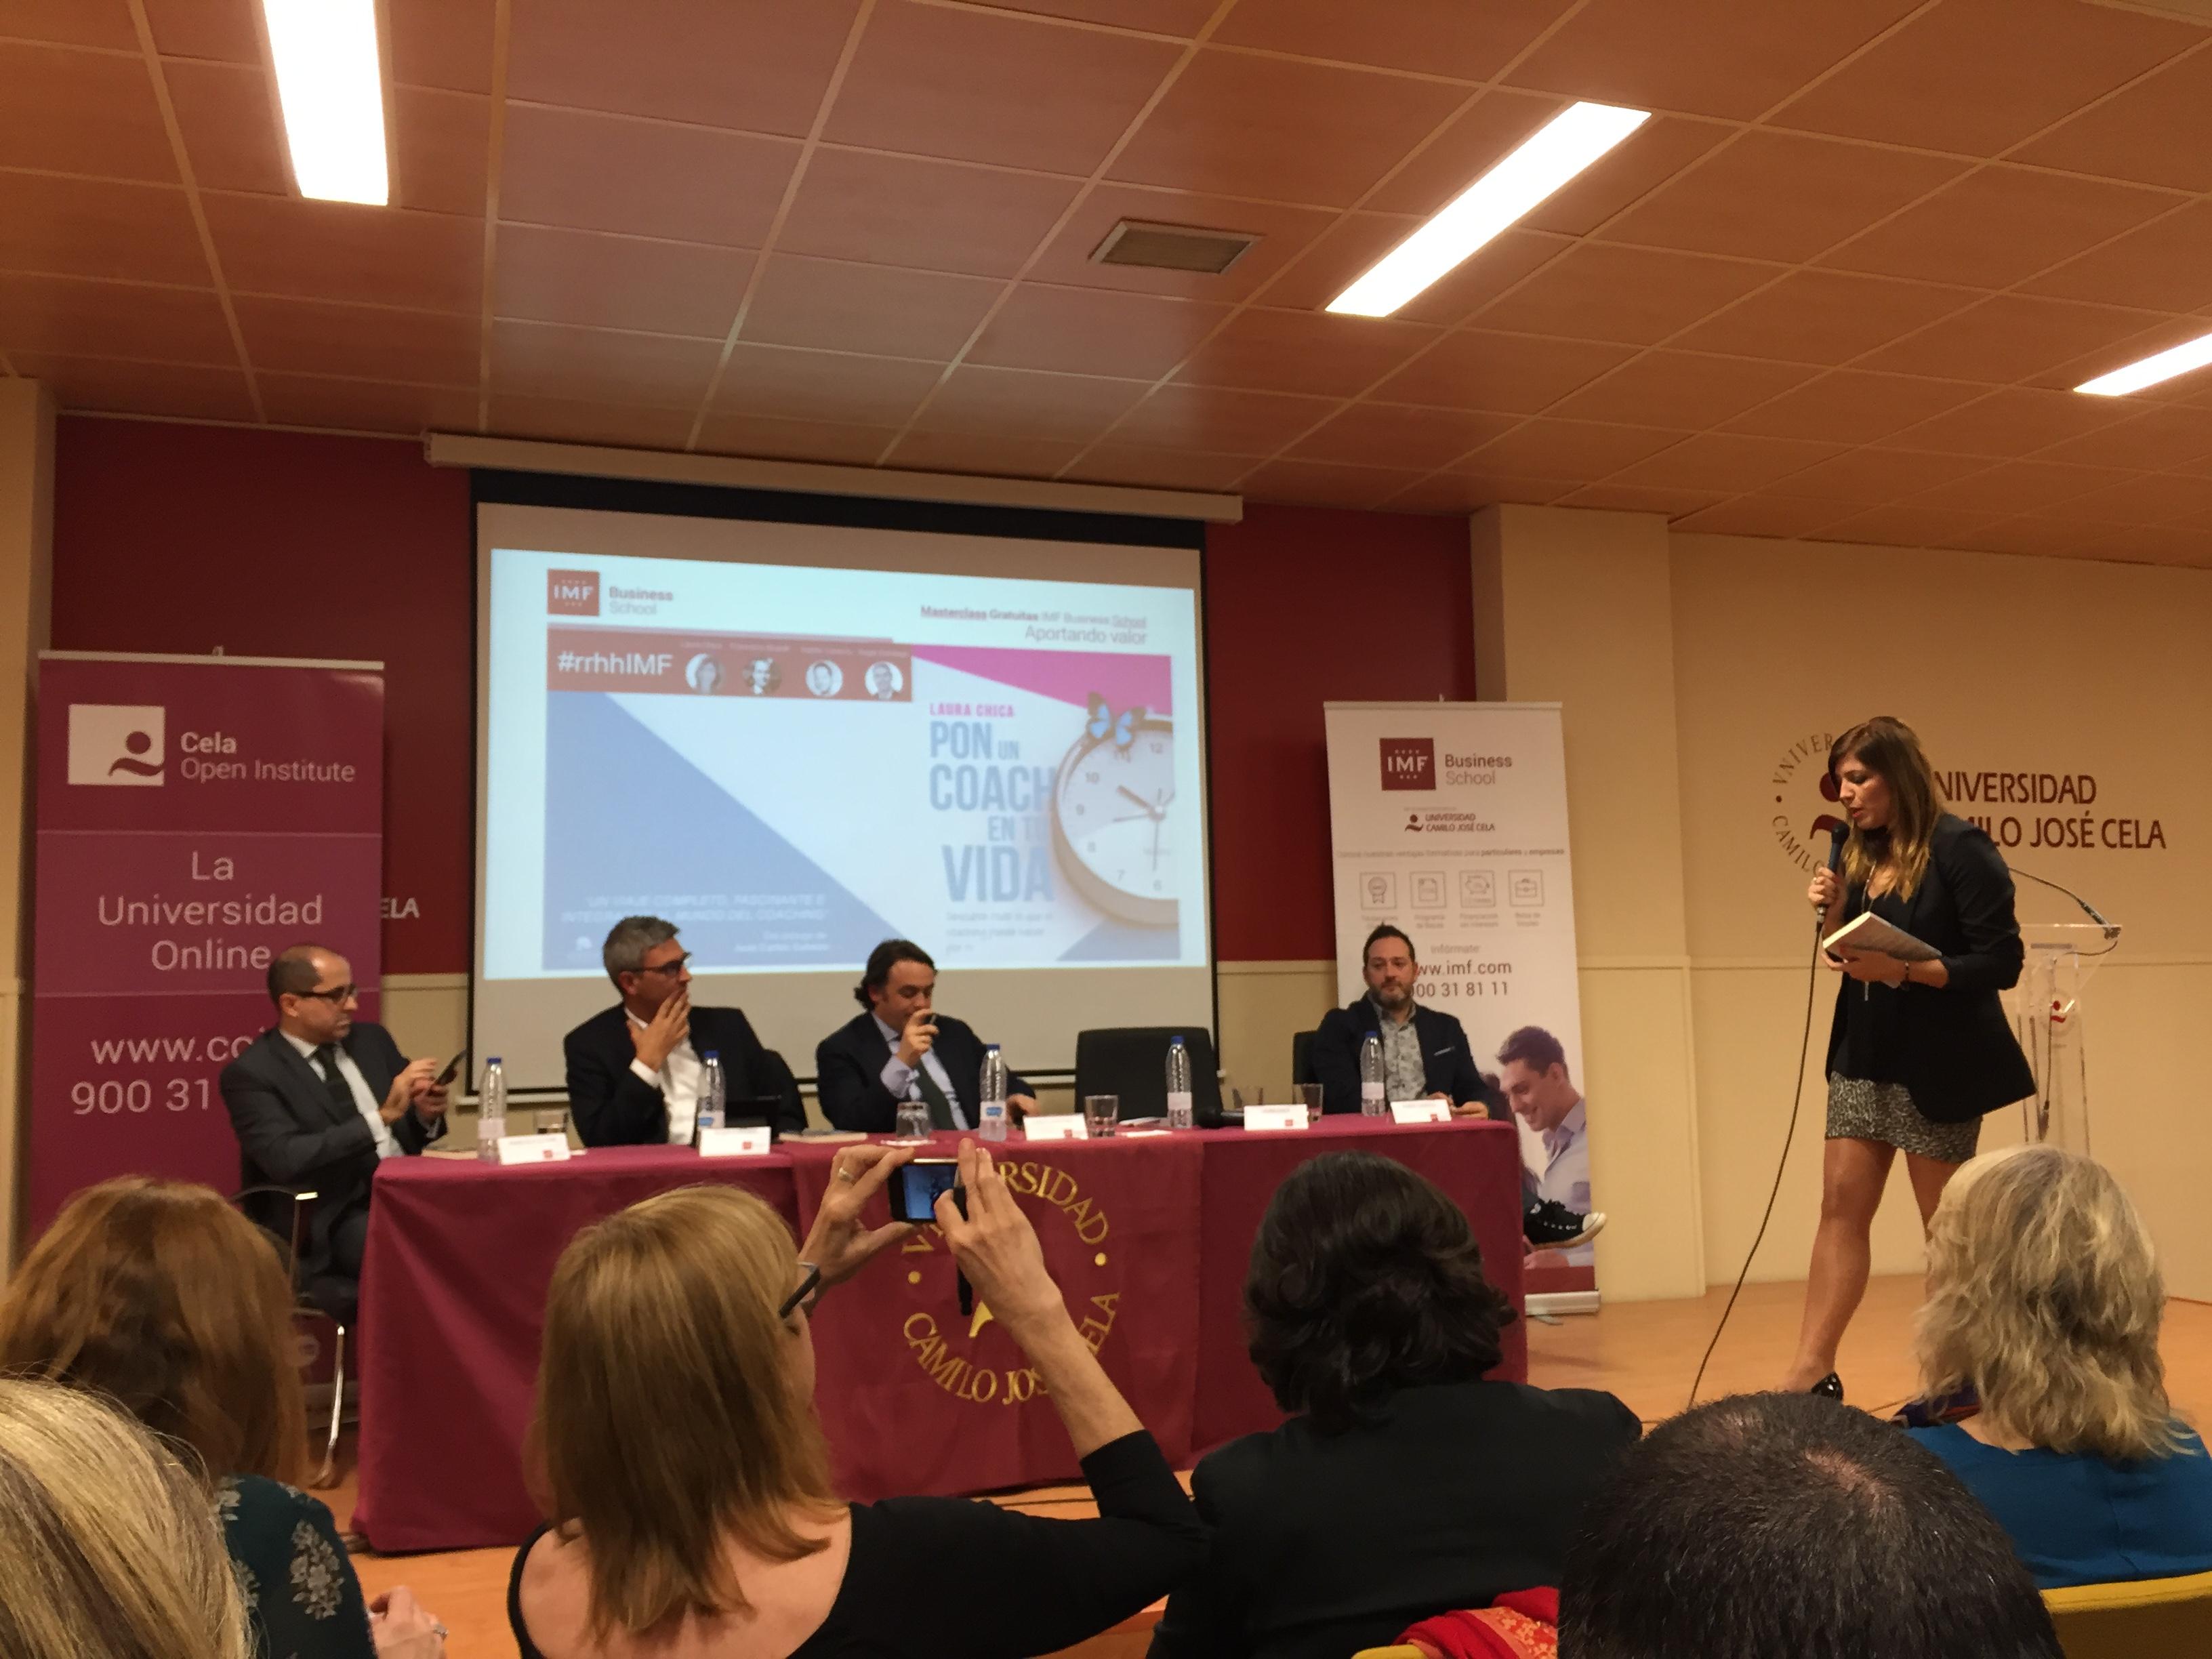 Laura Chica presenta su libro 'Pon un Coach en tu Vida' en IMF Business School